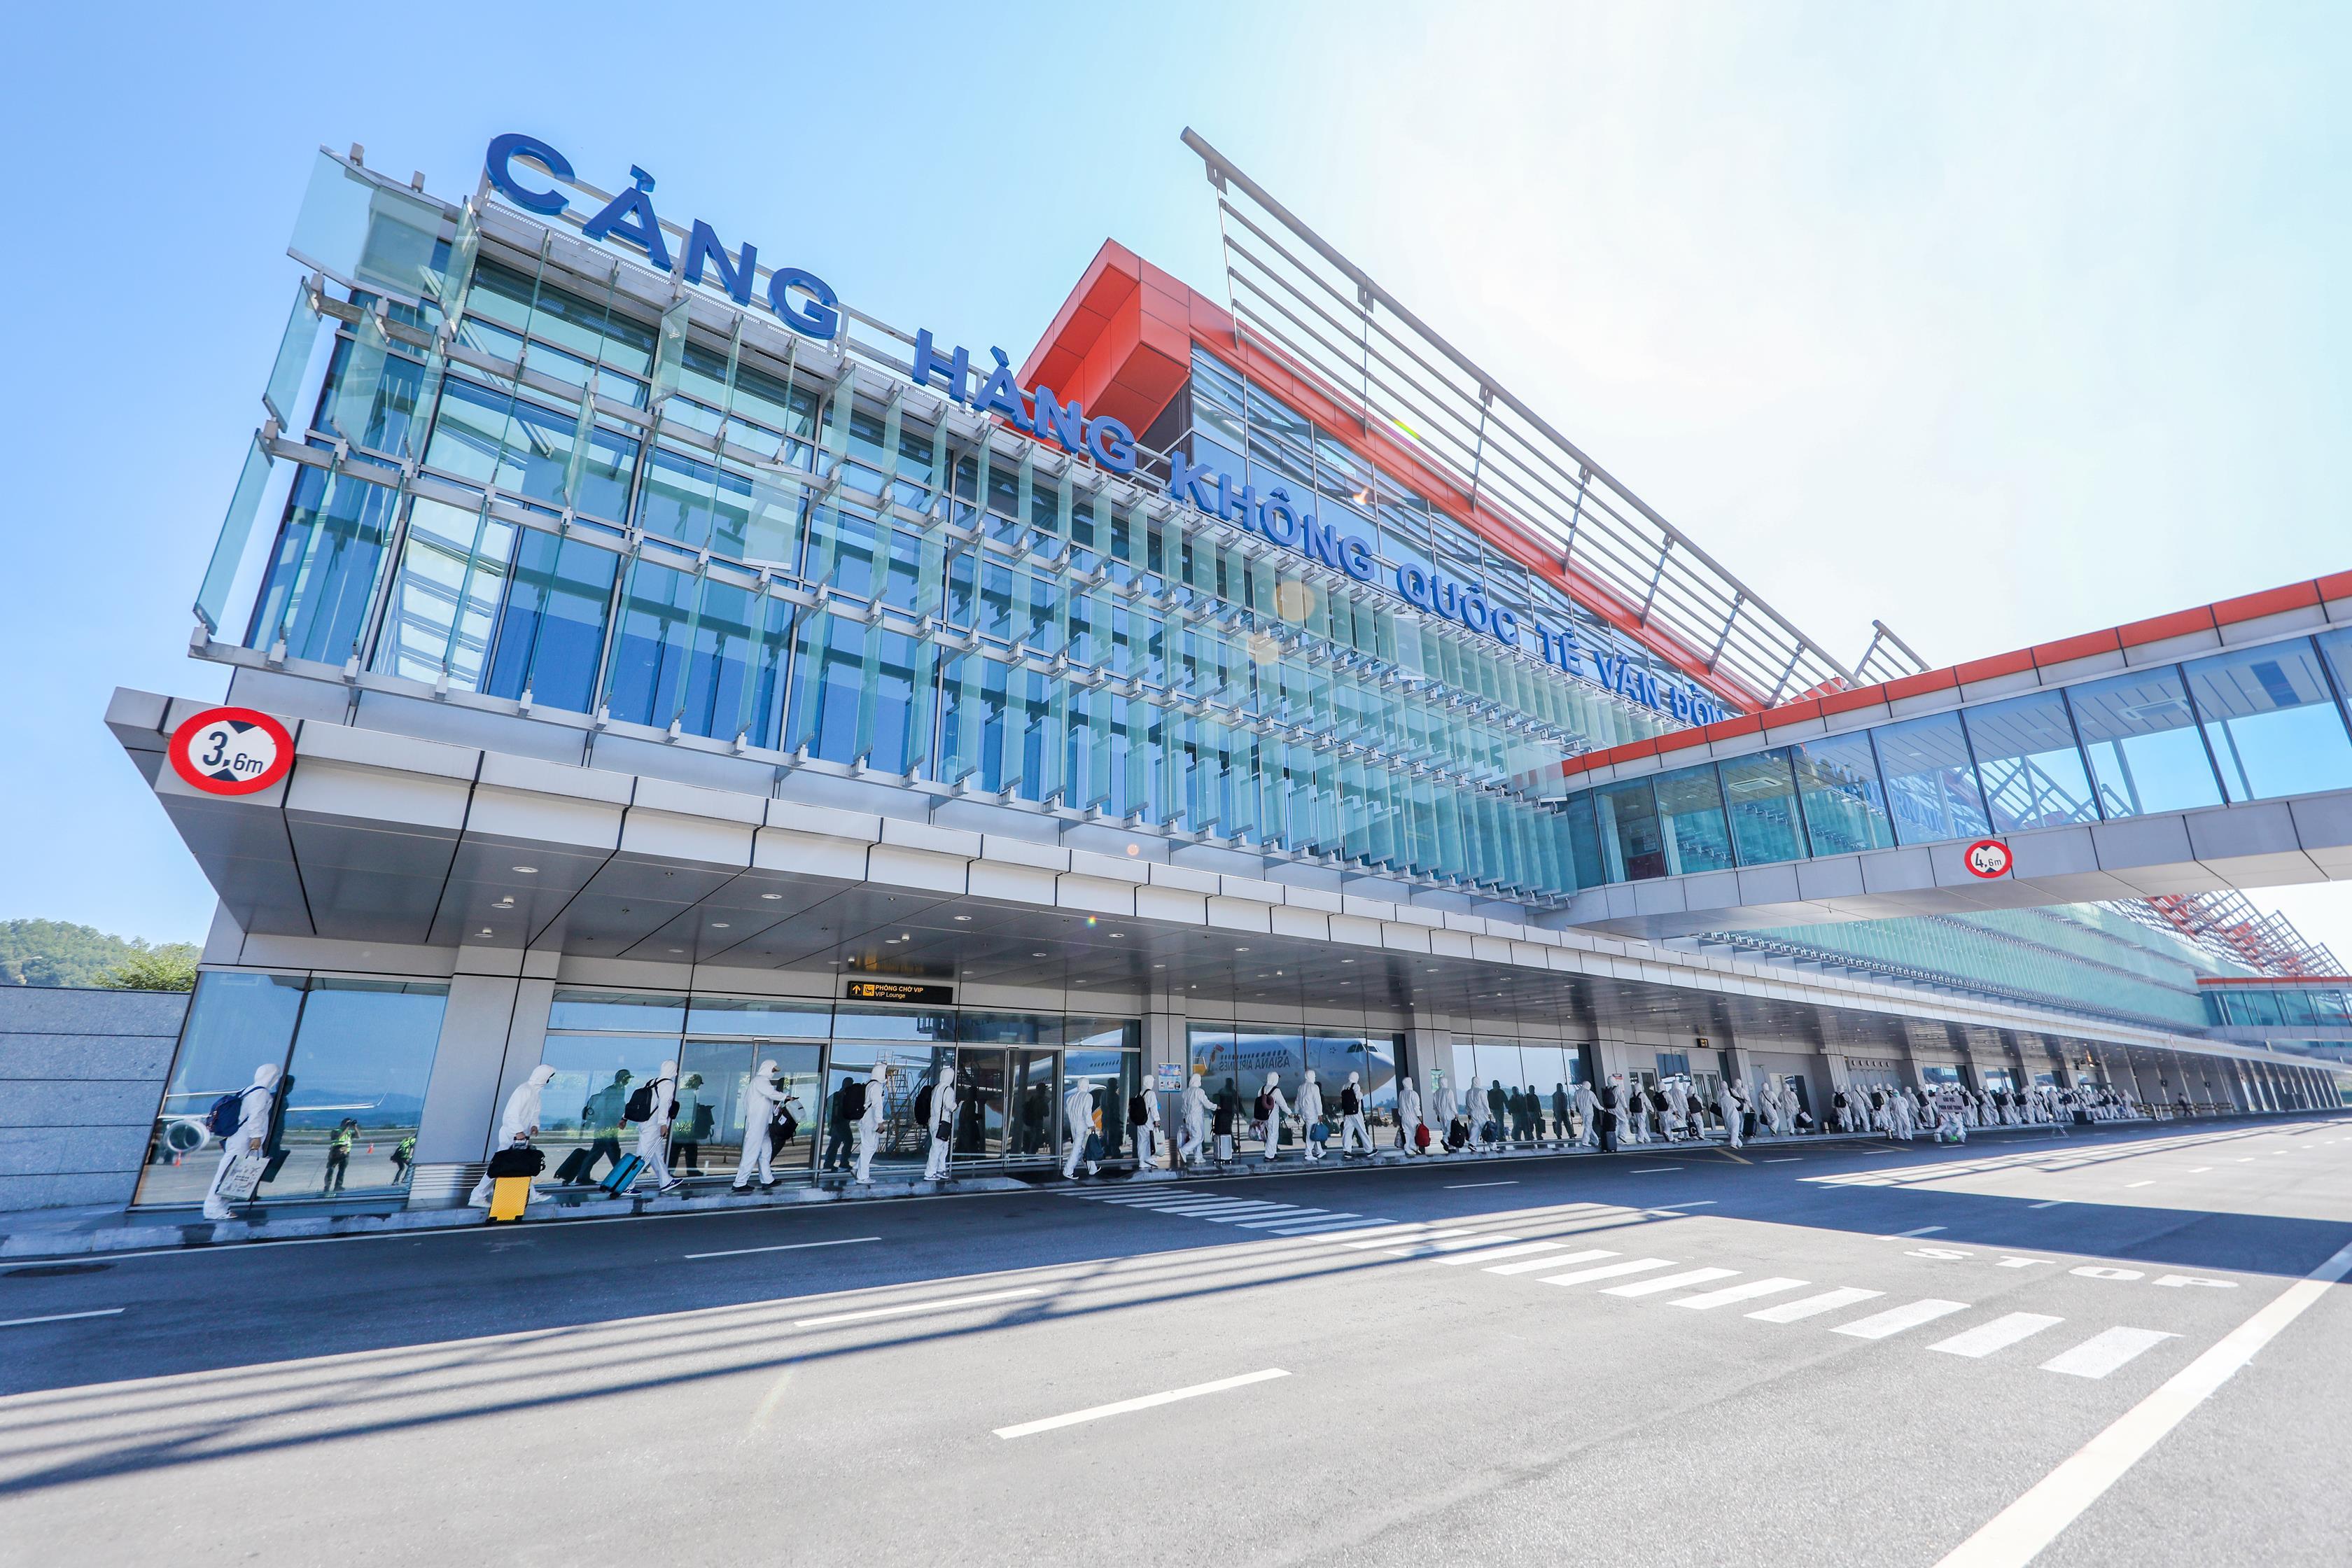 Sân bay Vân Đồn được Prix Versailles trao giải đặc biệt thế giới về thiết kế ngoại thất  - Ảnh 1